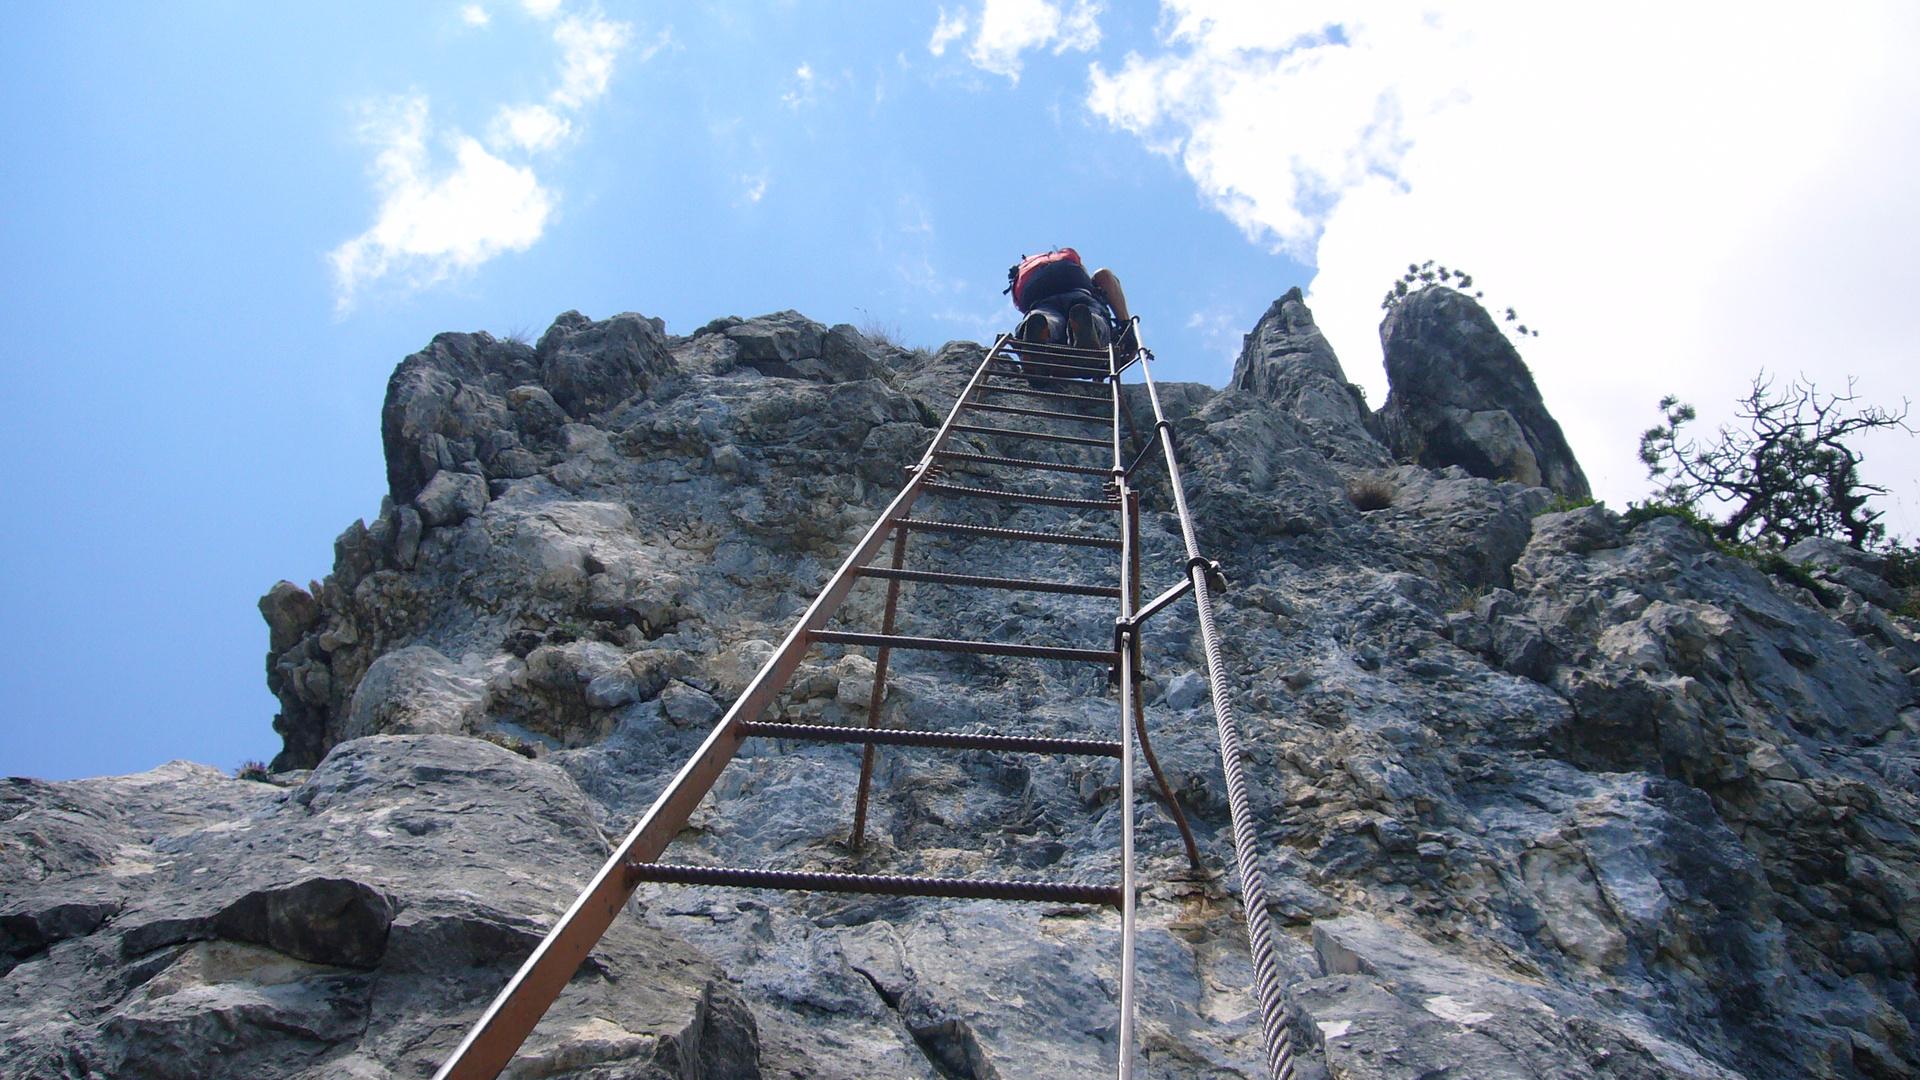 Klettersteig Gardasee : Am klettersteig über dem gardasee foto & bild erwachsene menschen